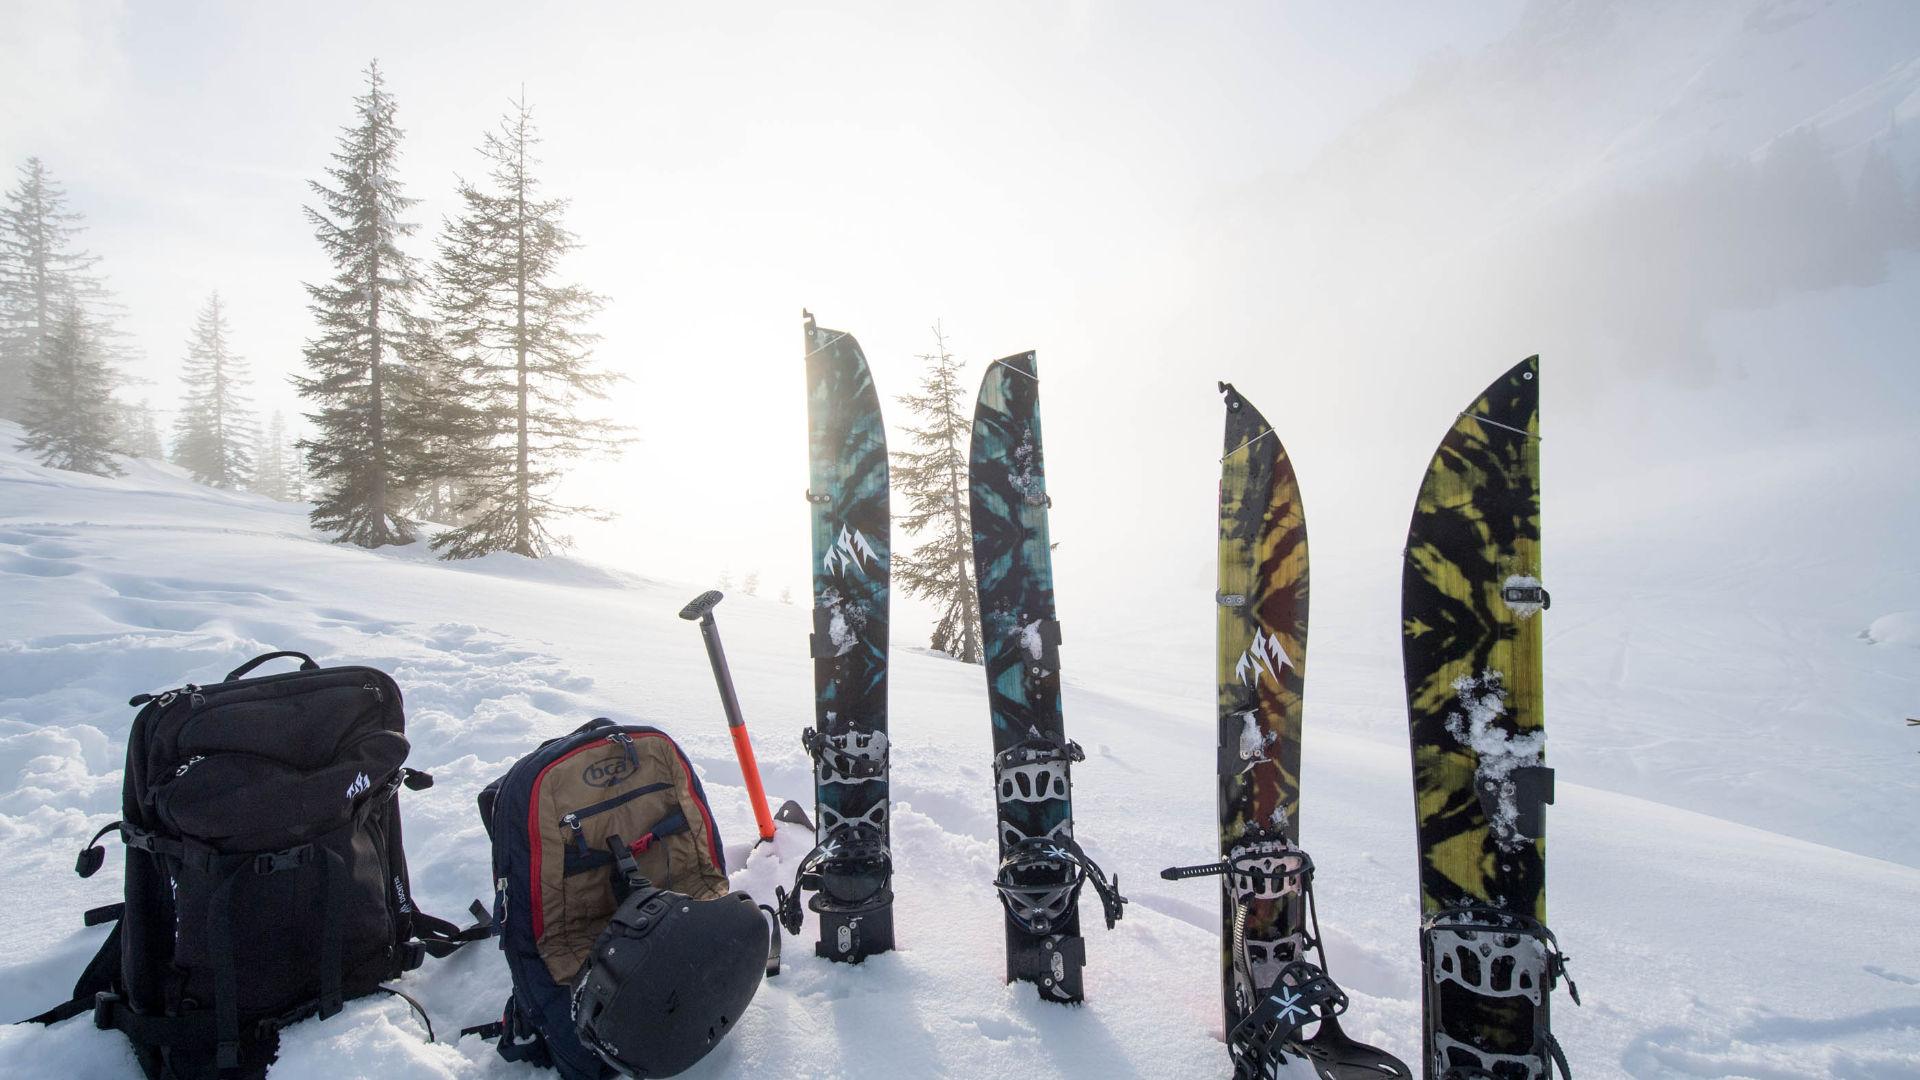 Jones Splitboards mit Lawinen-Ausrüstung und Rucksäcken